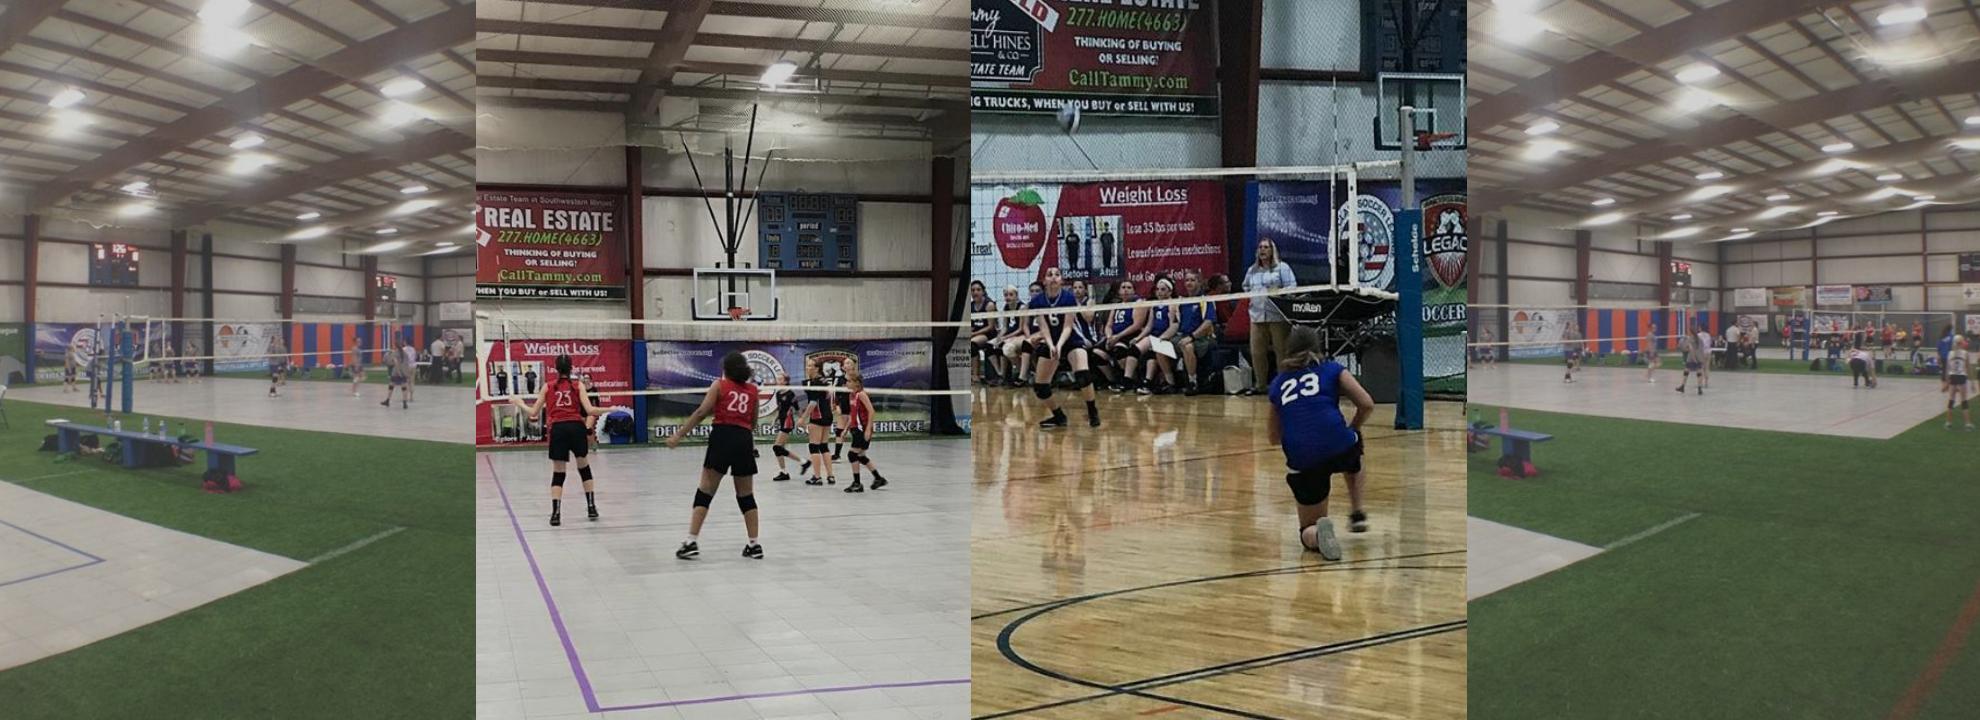 volleyball games at sportsplex